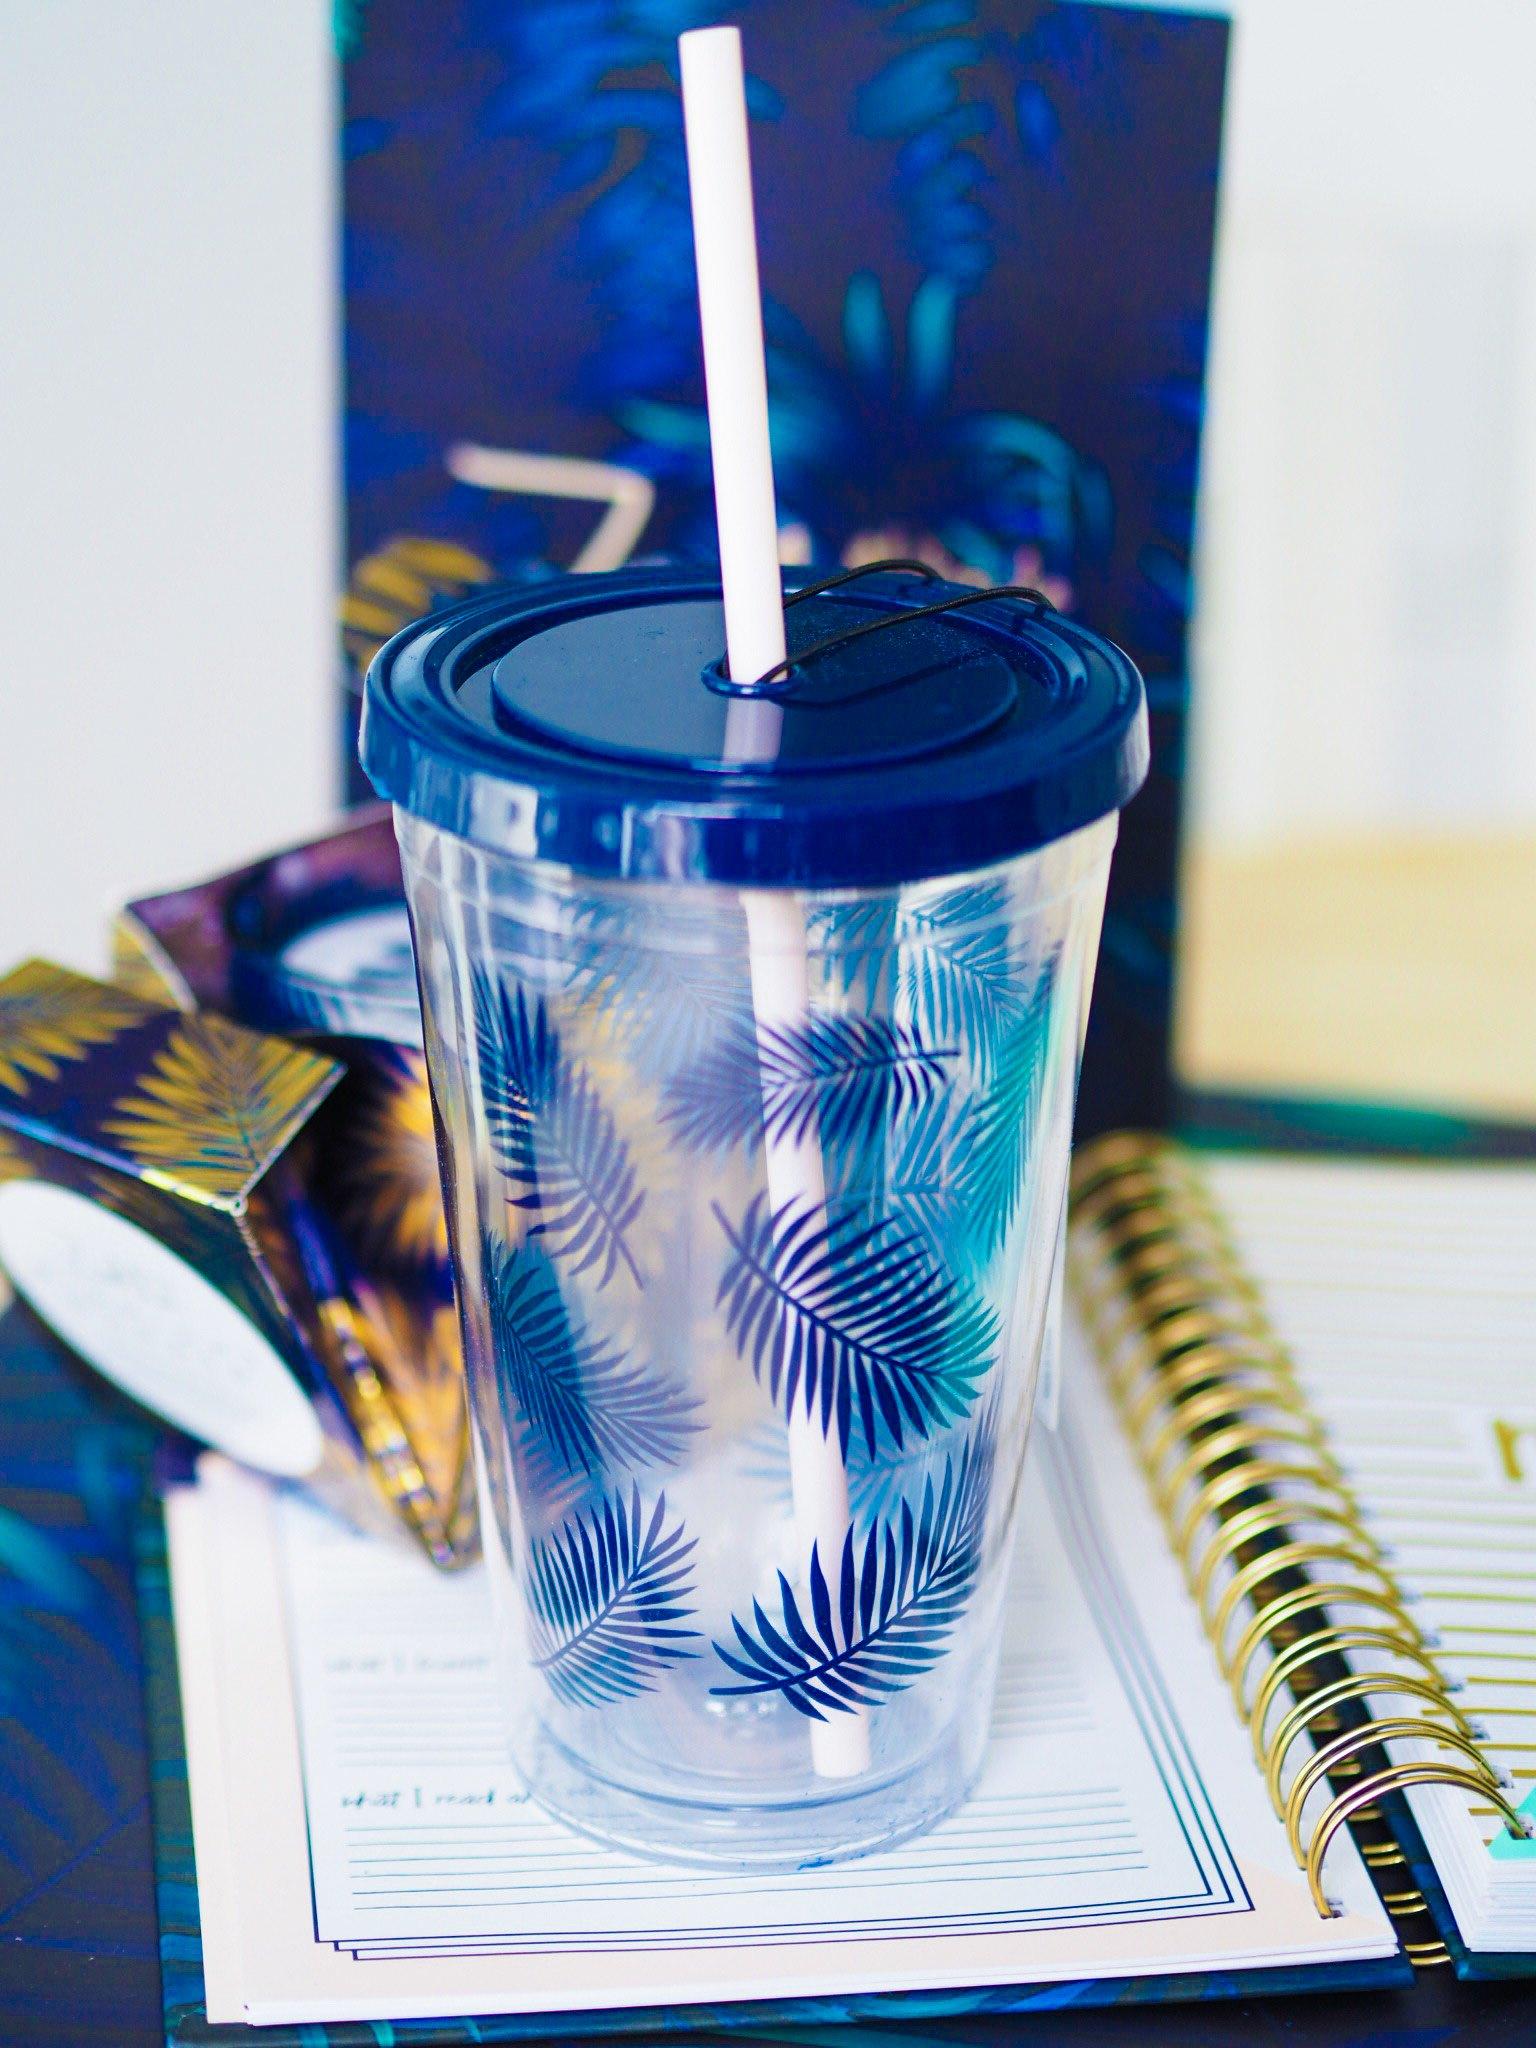 zoella lifestyle cup Zoe sugg